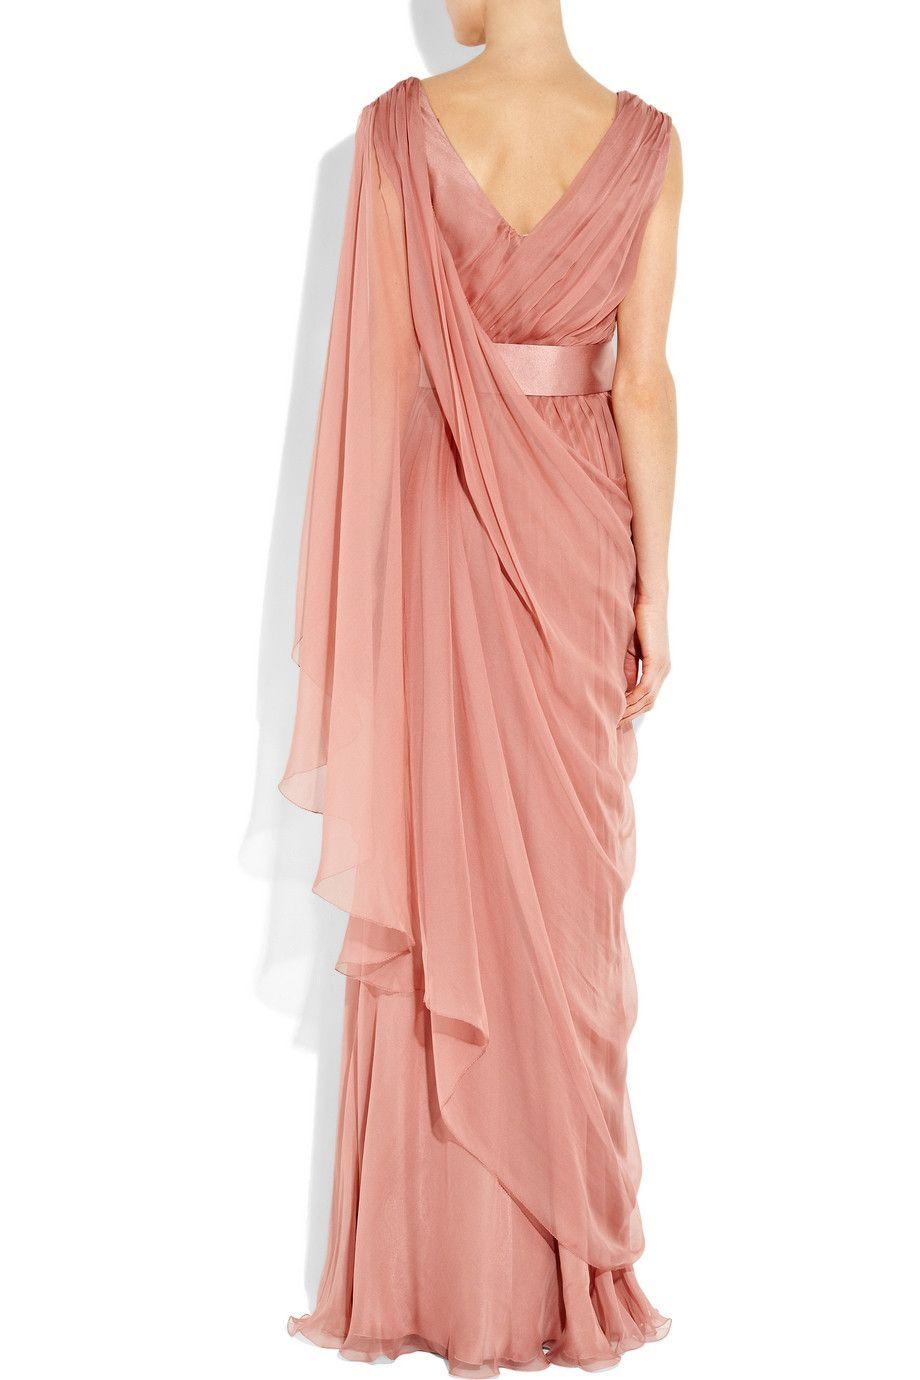 Alberta ferretti Draped Silk-chiffon Gown in Pink (rose) | Lyst ...